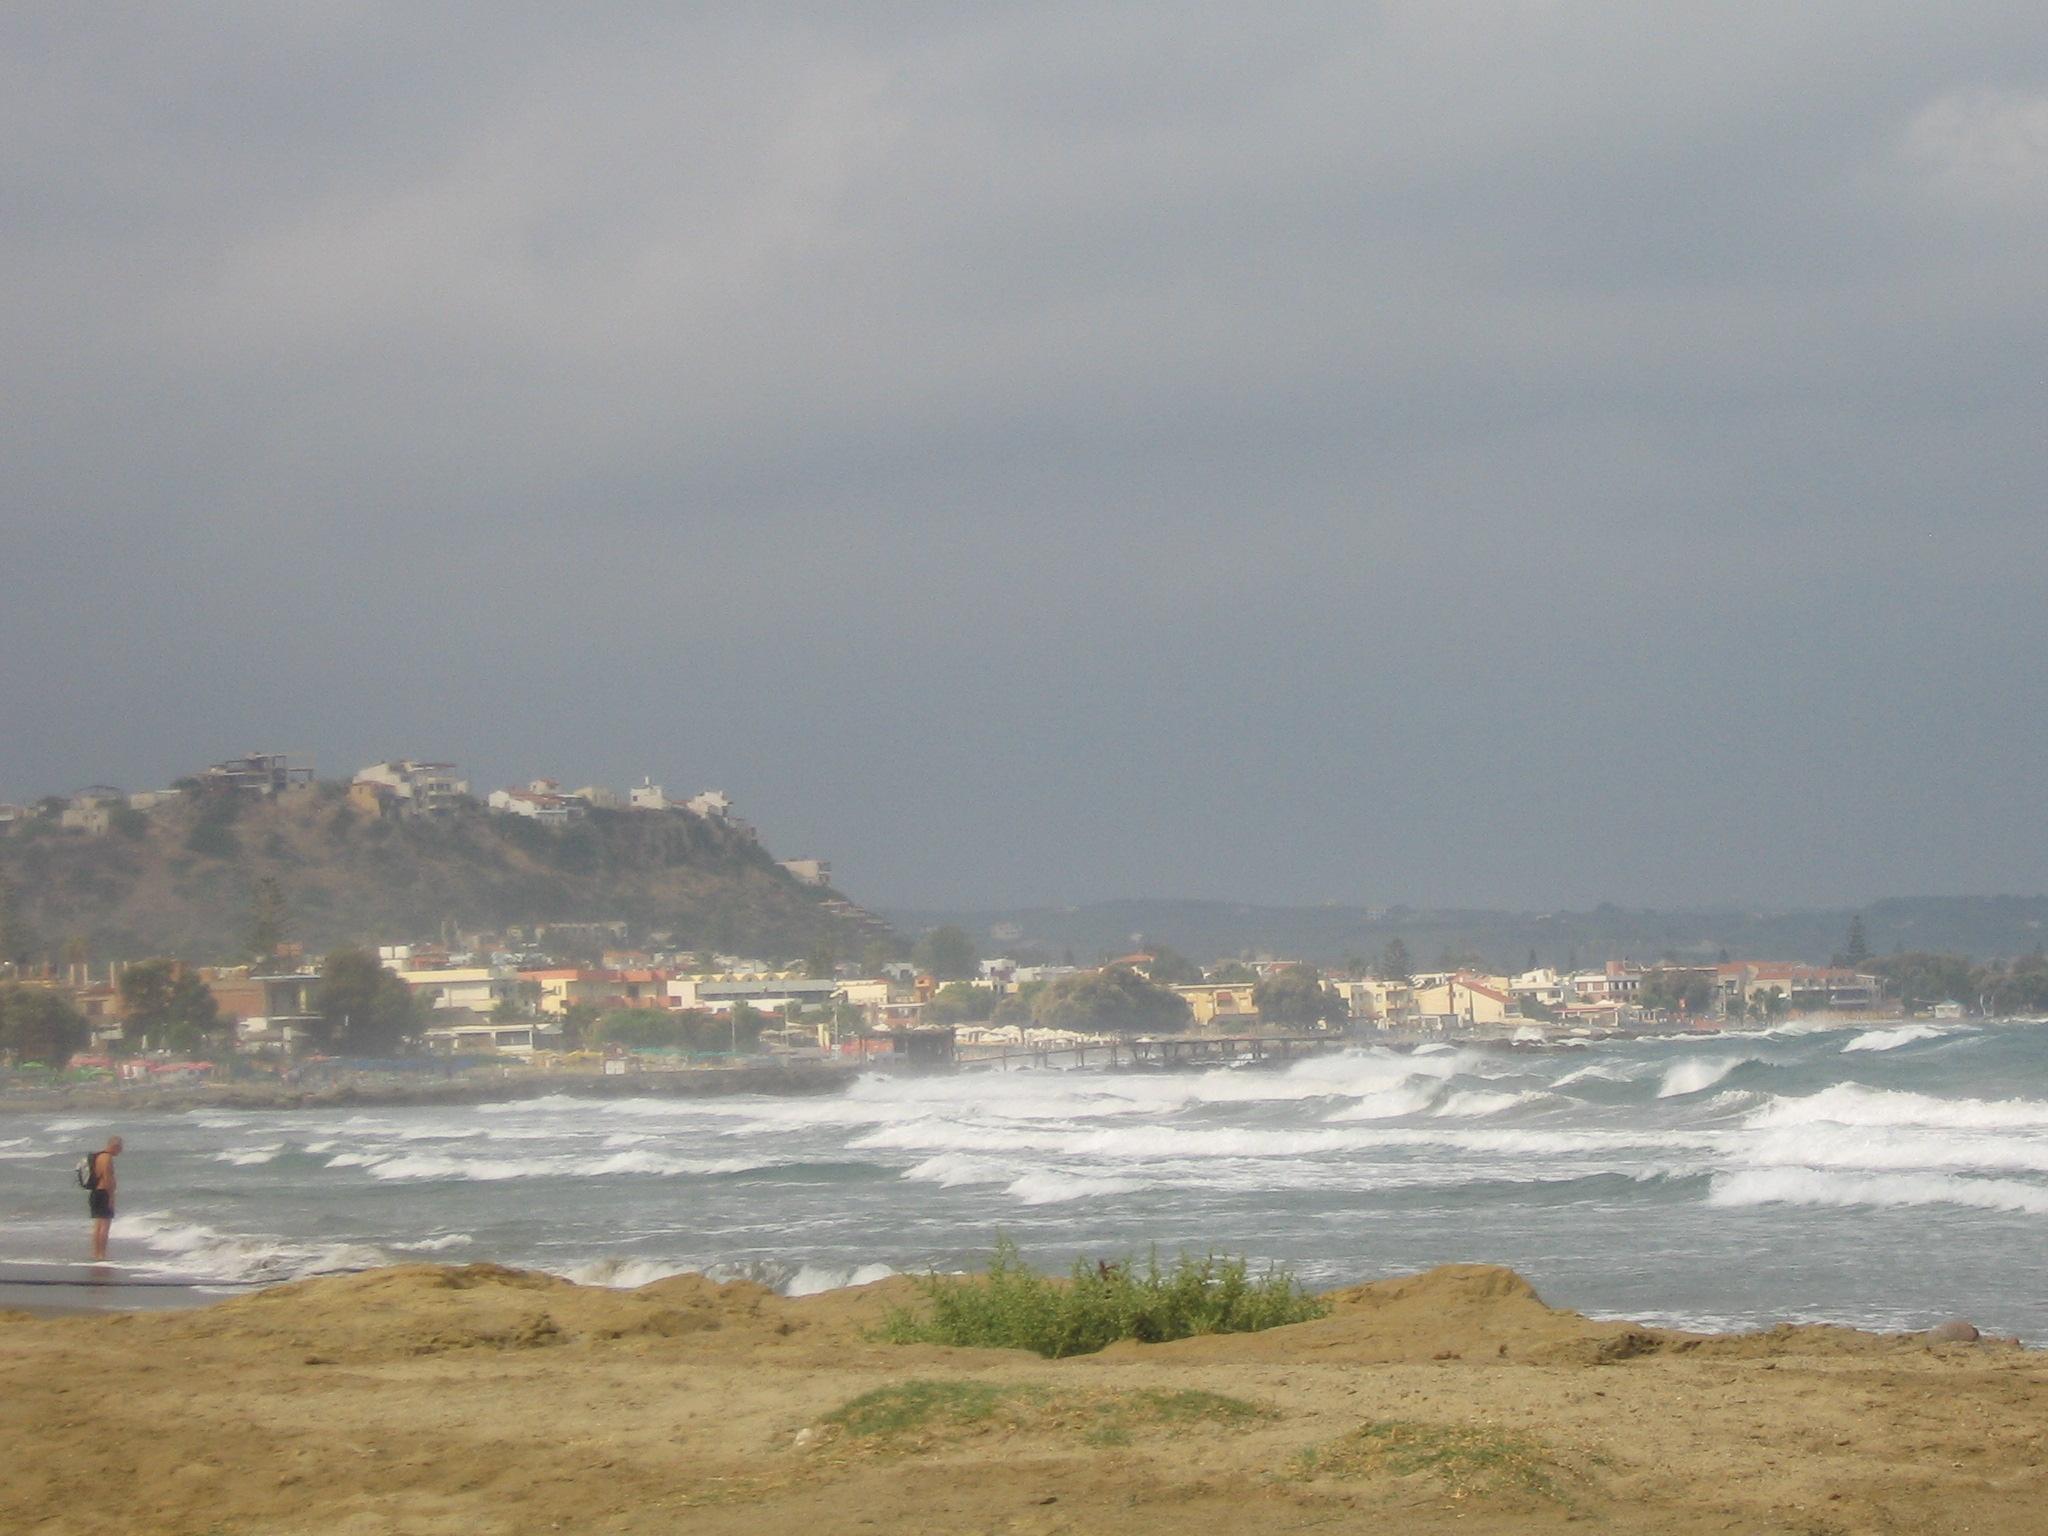 Tidig höststorm över Platanias, Kreta